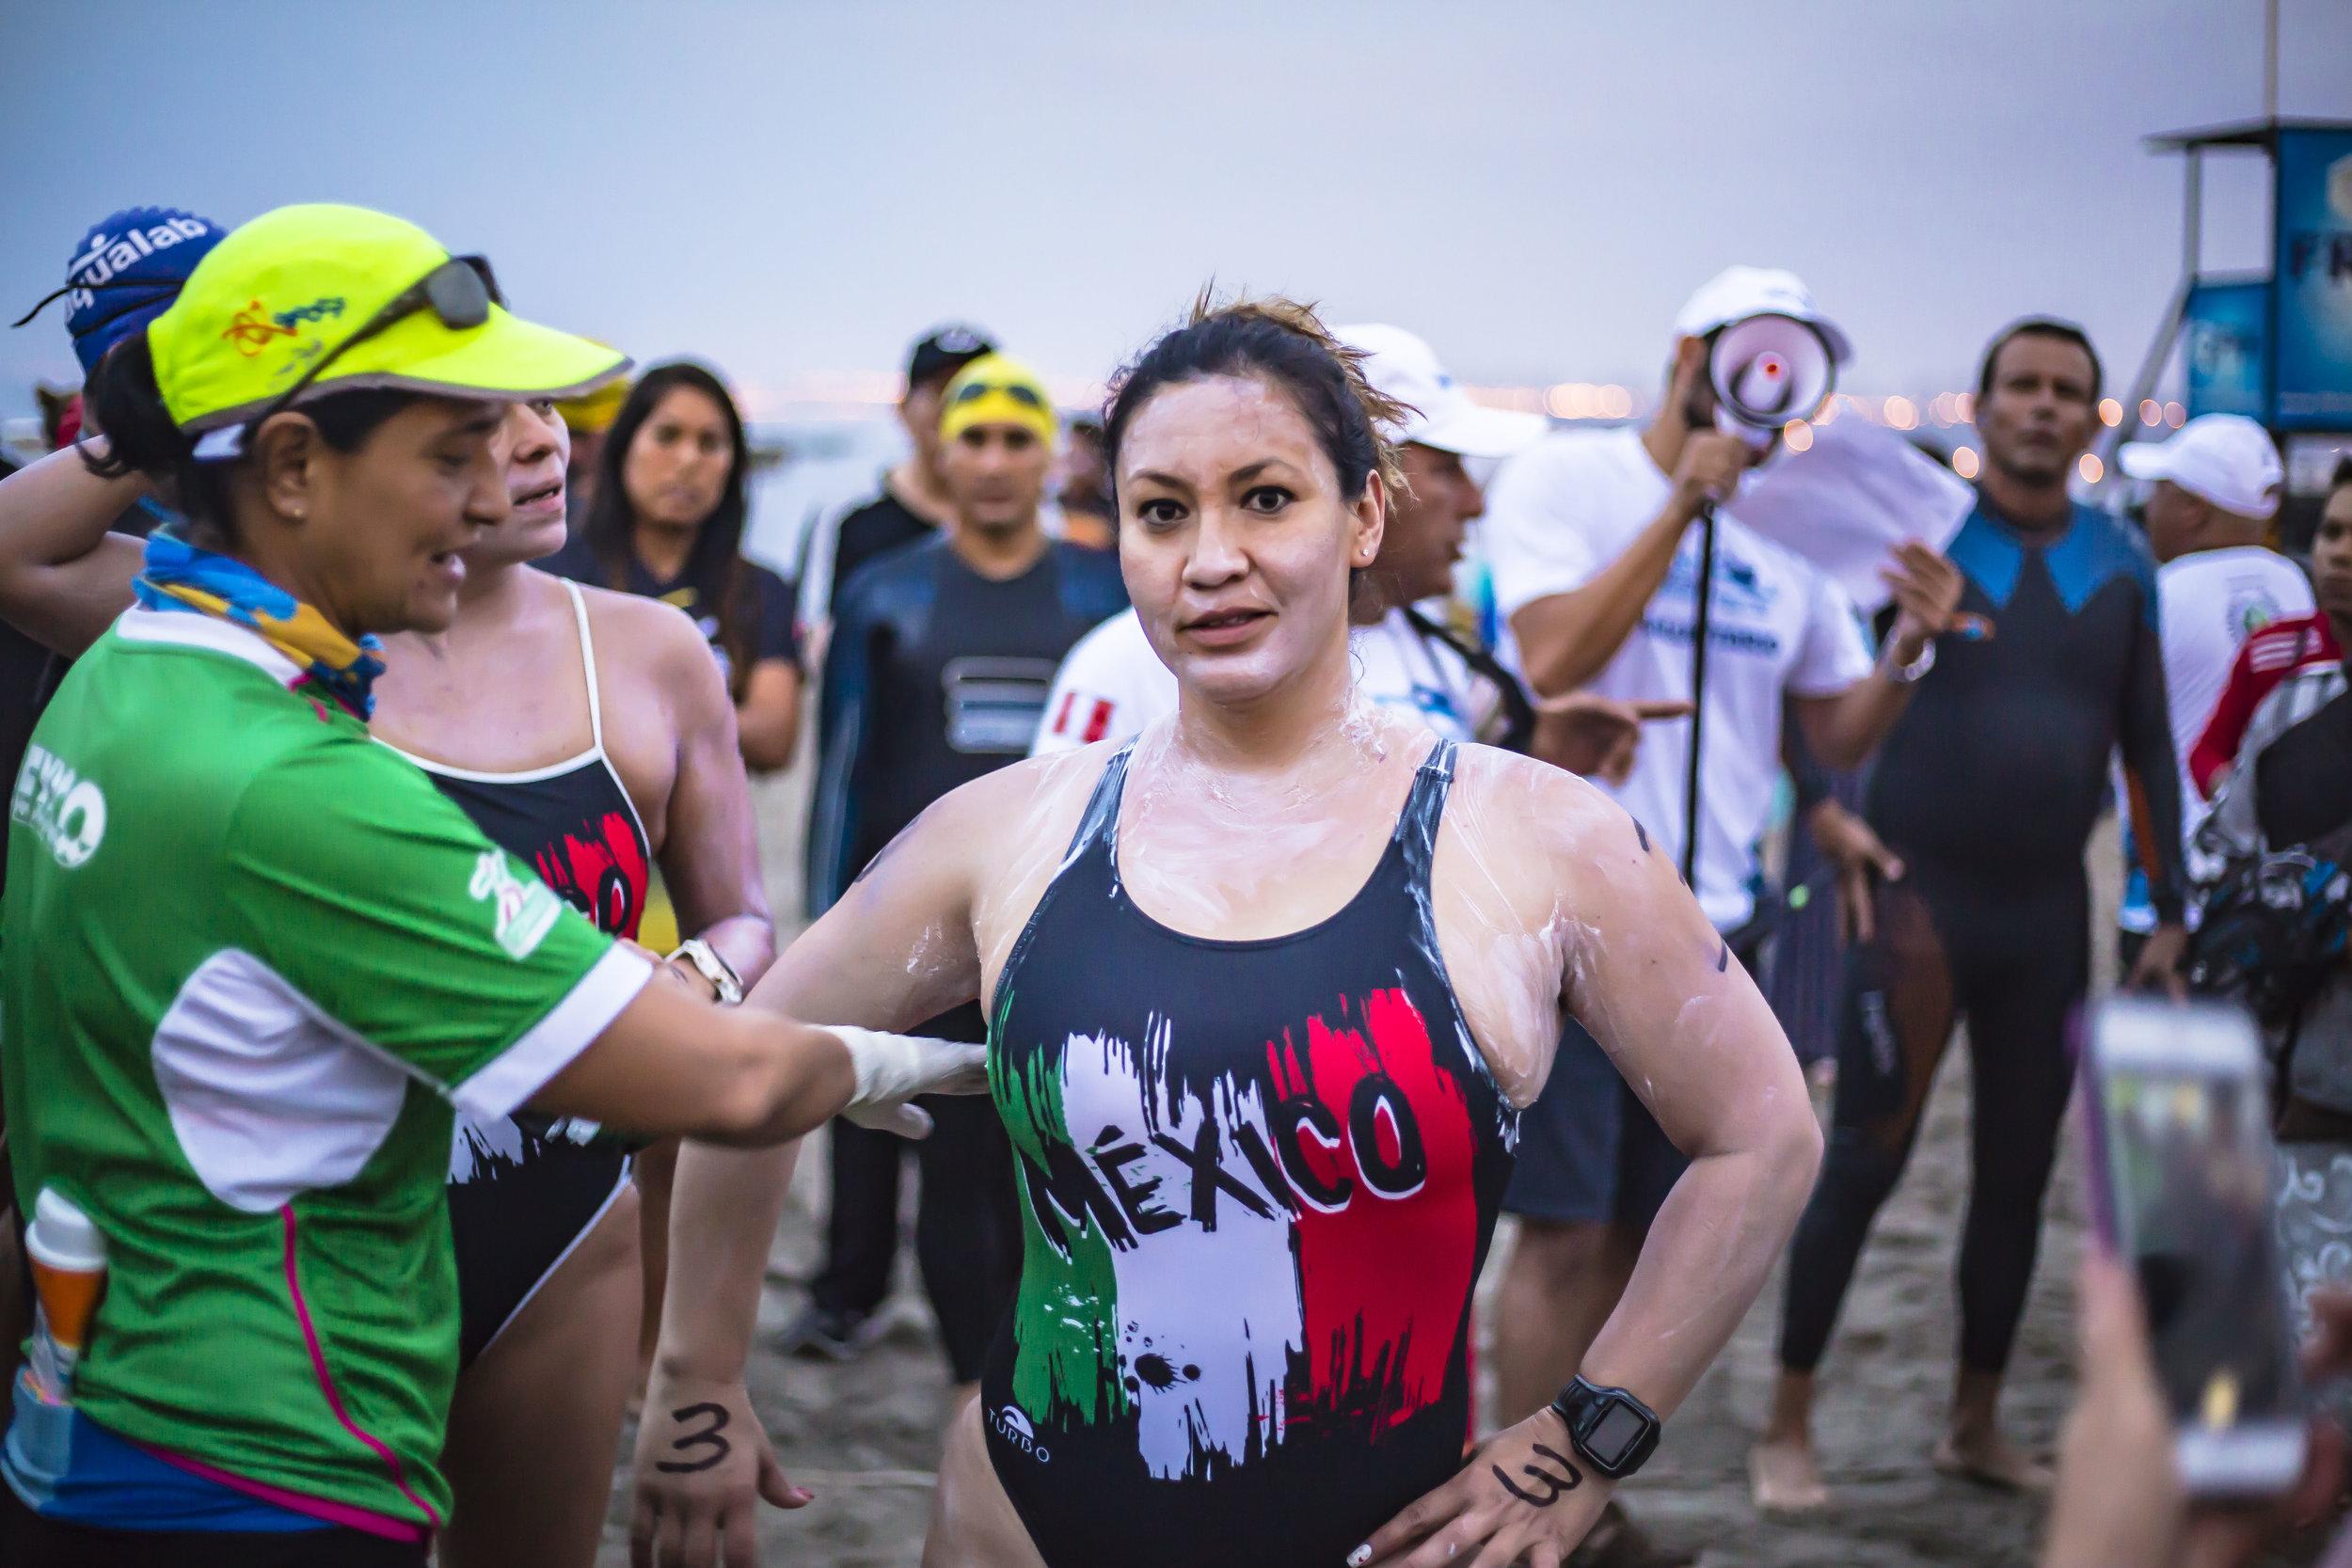 participante mexicana, .JPG